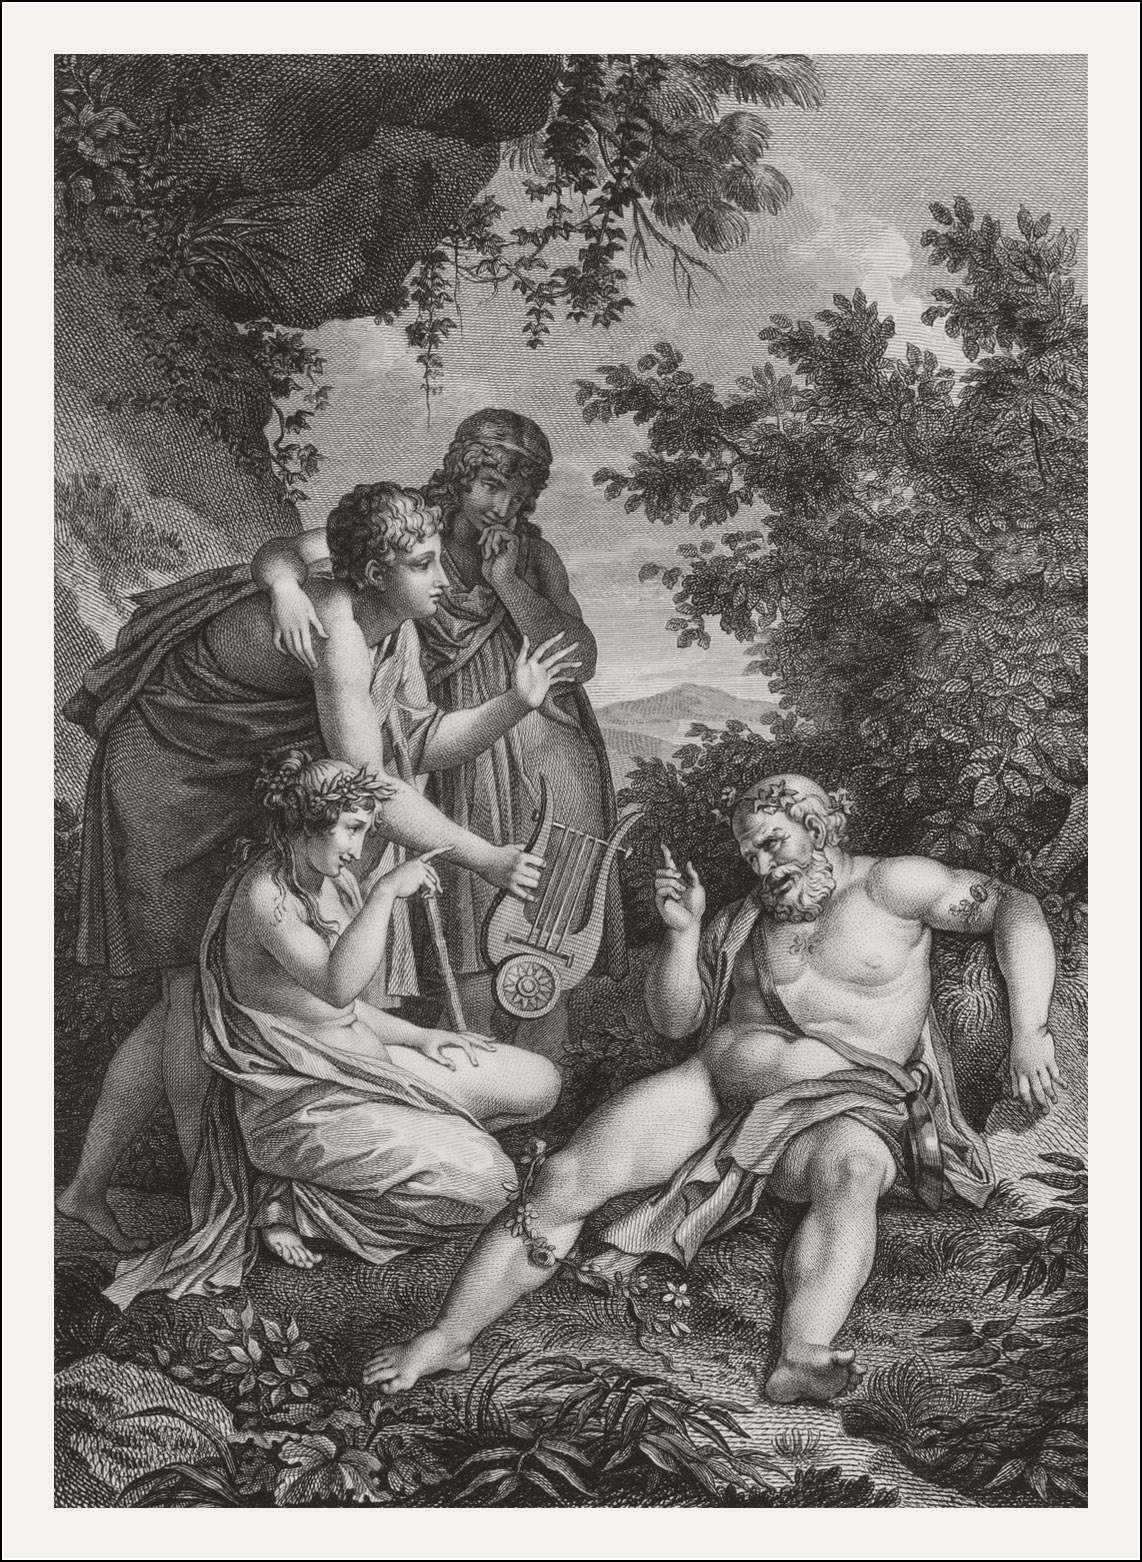 Publius Virgilius Maro